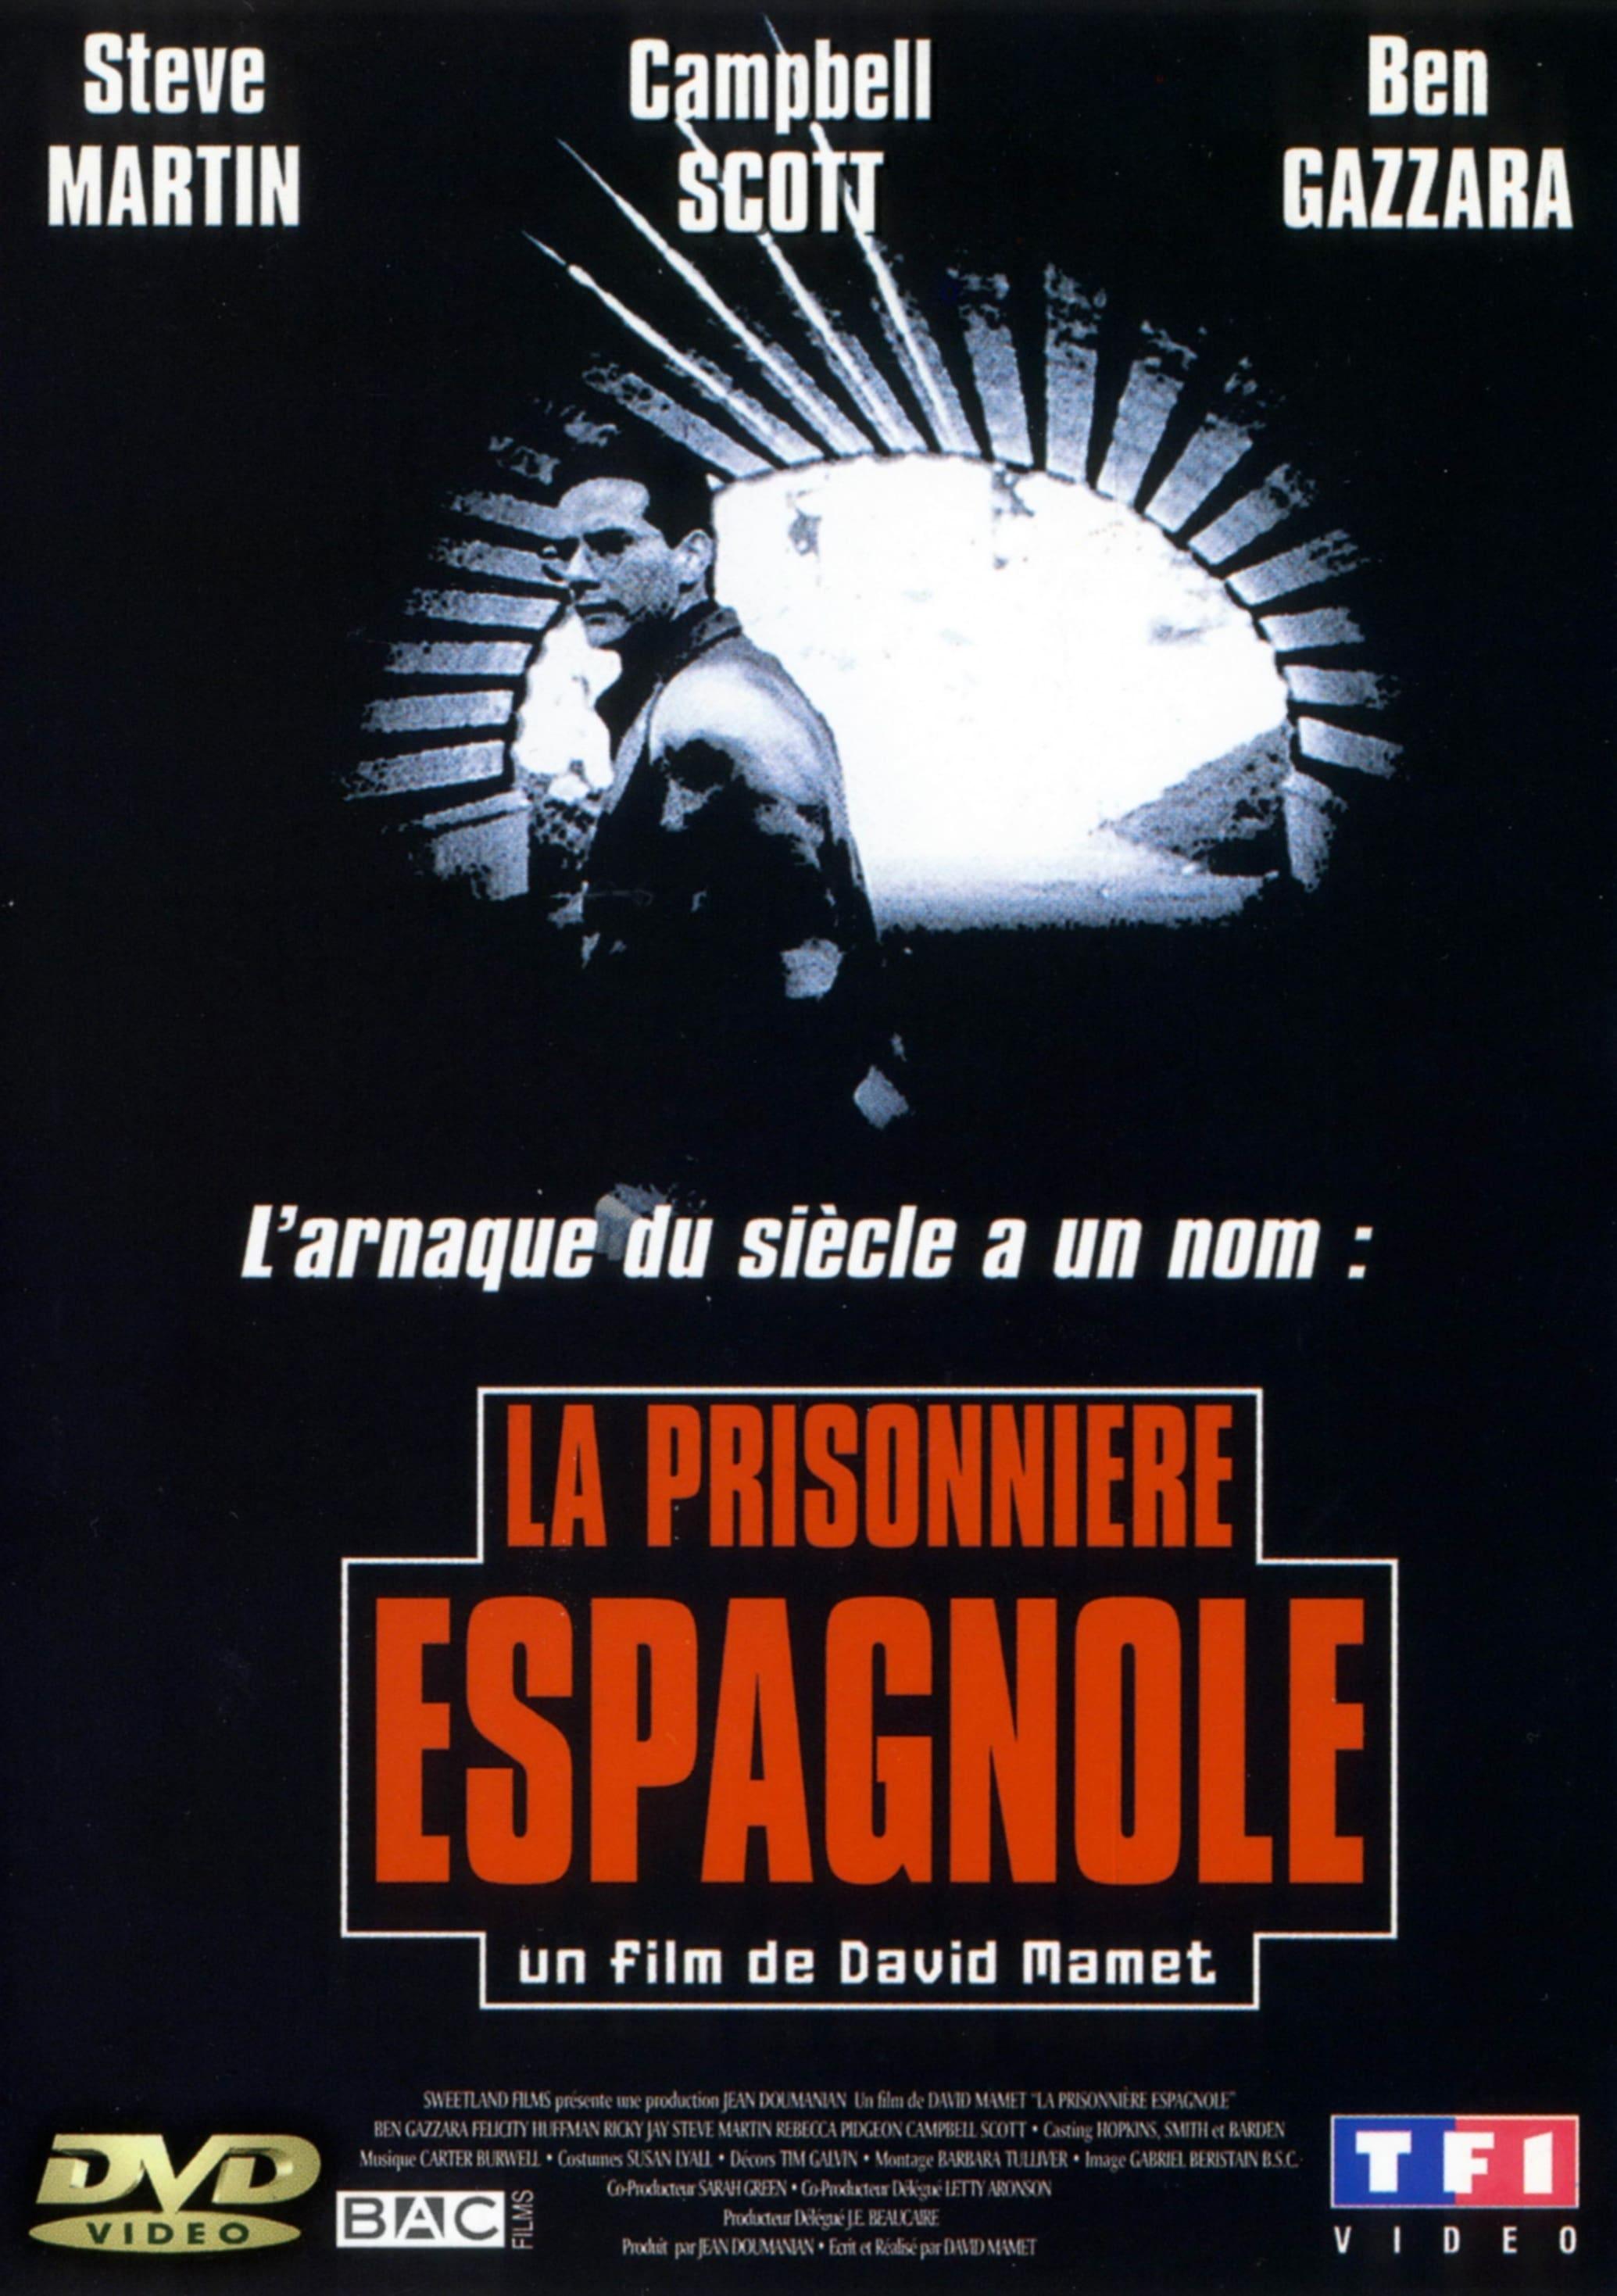 Regarder La prisonnière espagnole en streaming gratuit